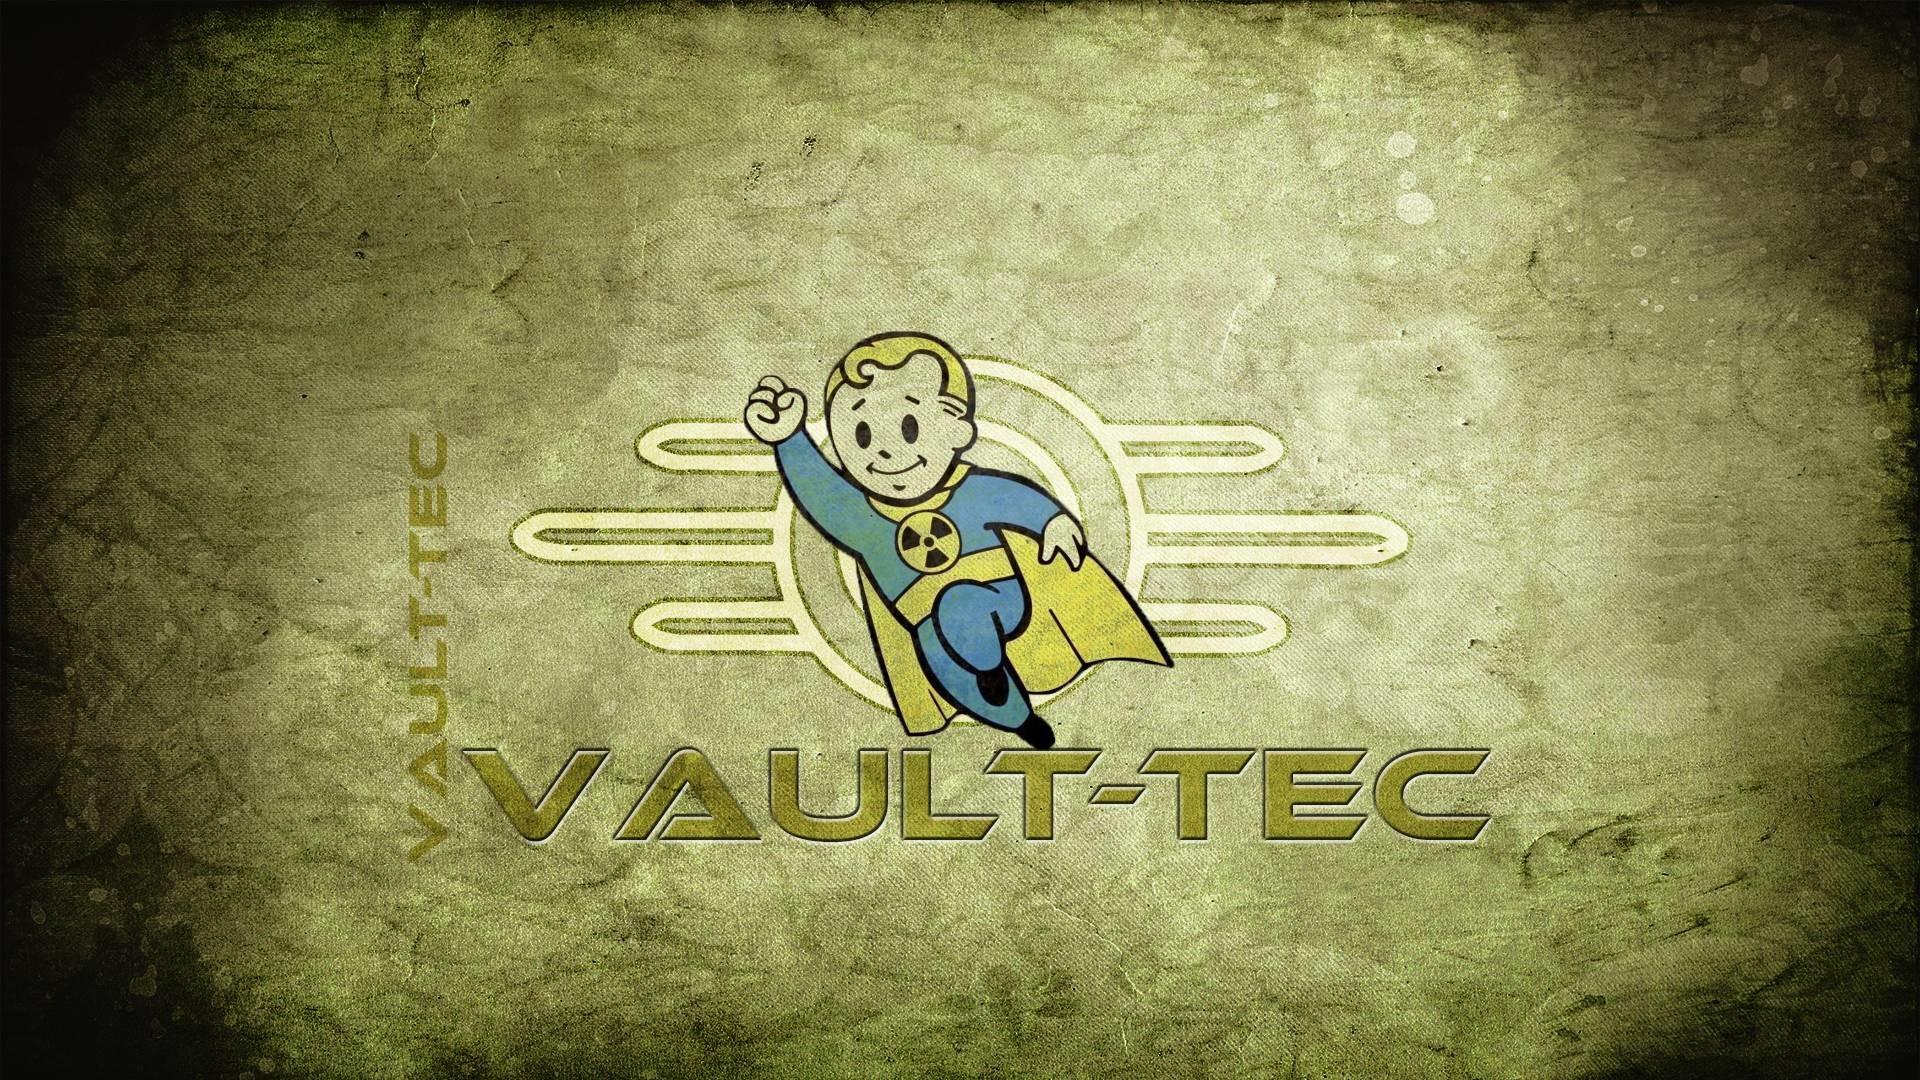 Vault-Tec Wallpaper …